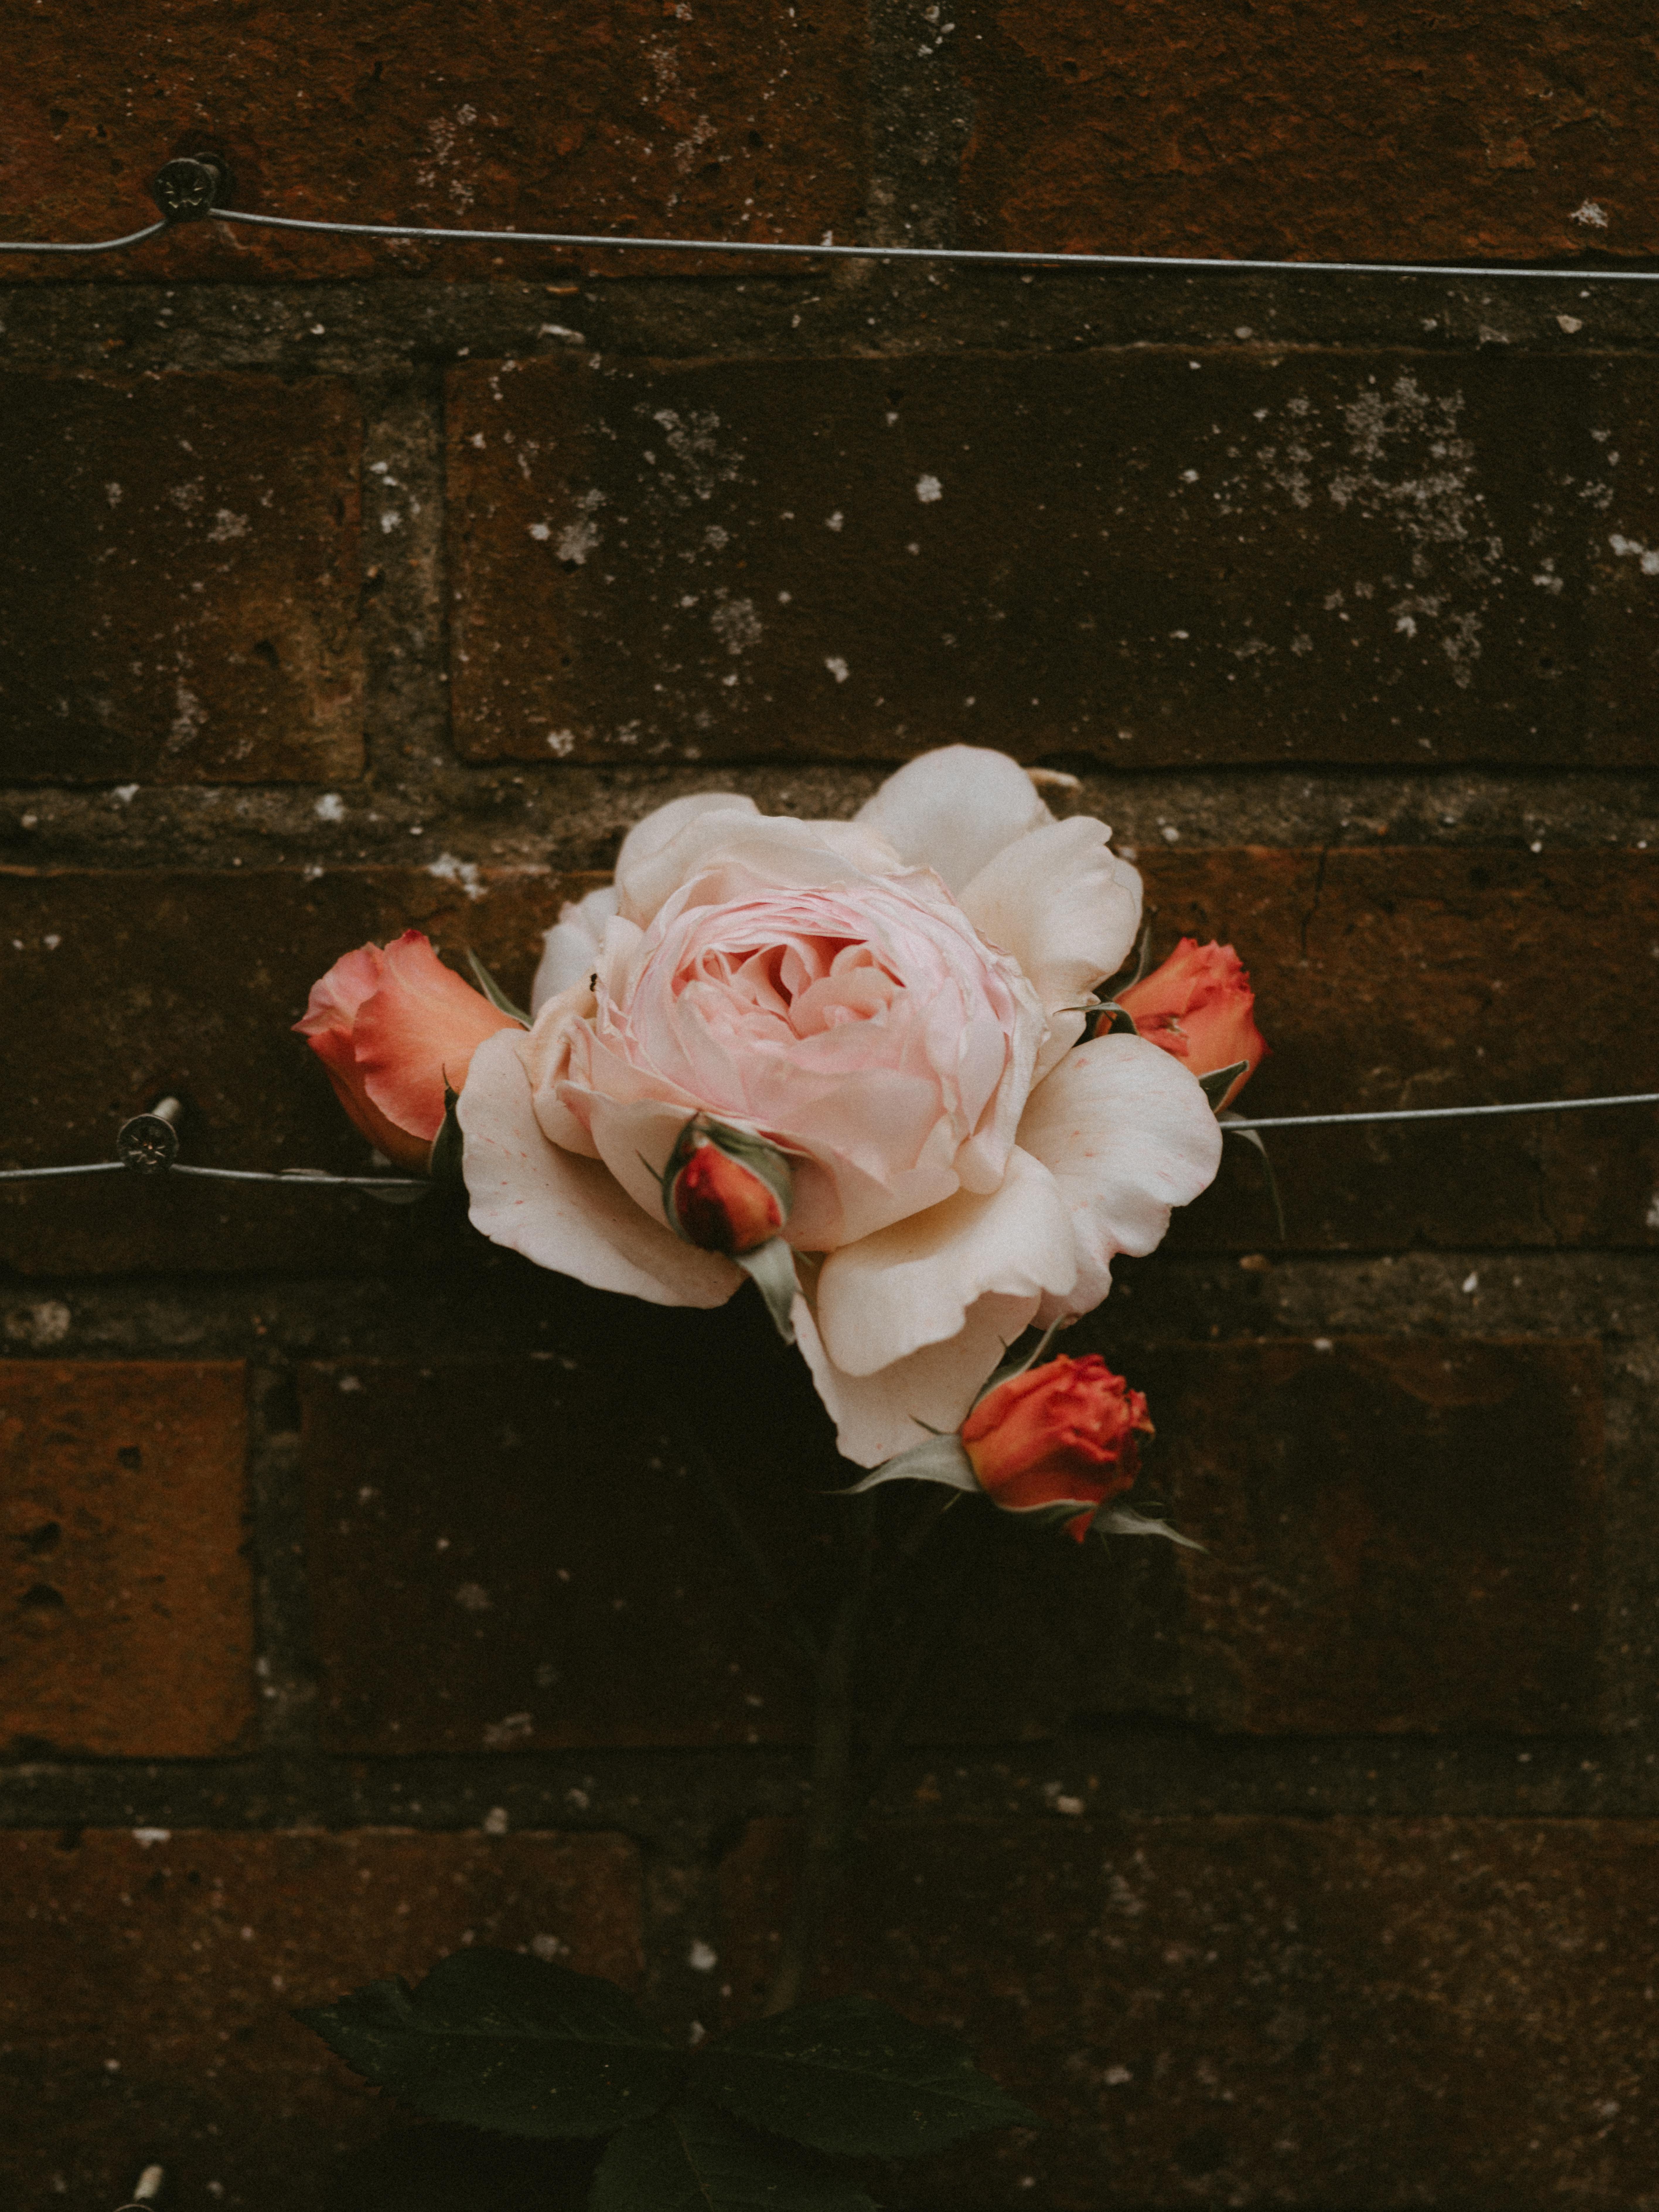 57936 скачать обои Цветы, Цветок, Роза, Цветение, Стена, Розовый, Бутоны, Кирпичный - заставки и картинки бесплатно